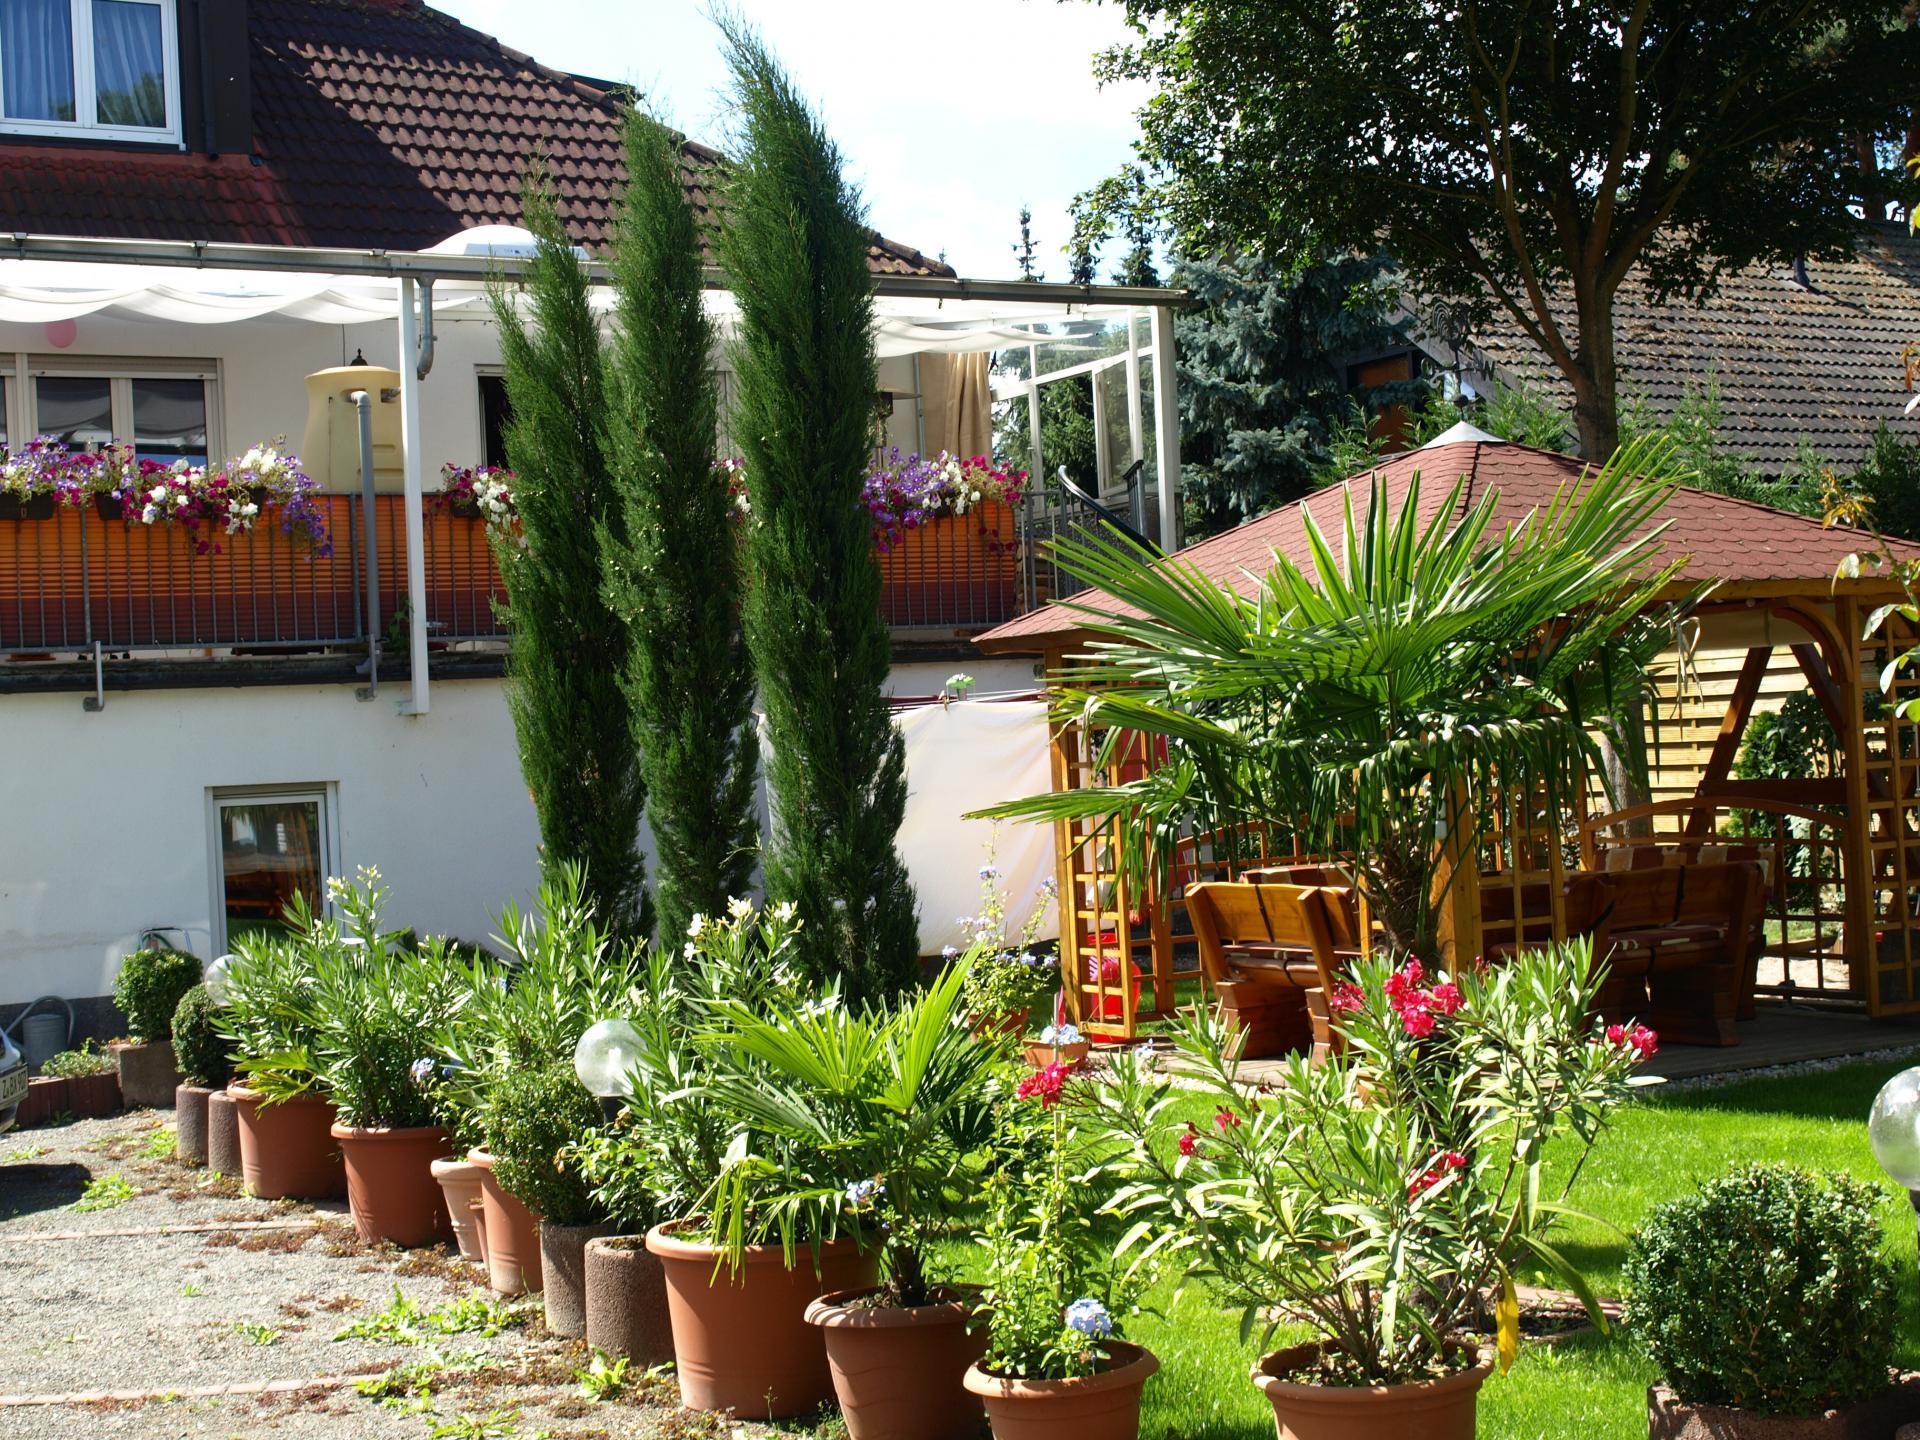 Garten mit Zypressen